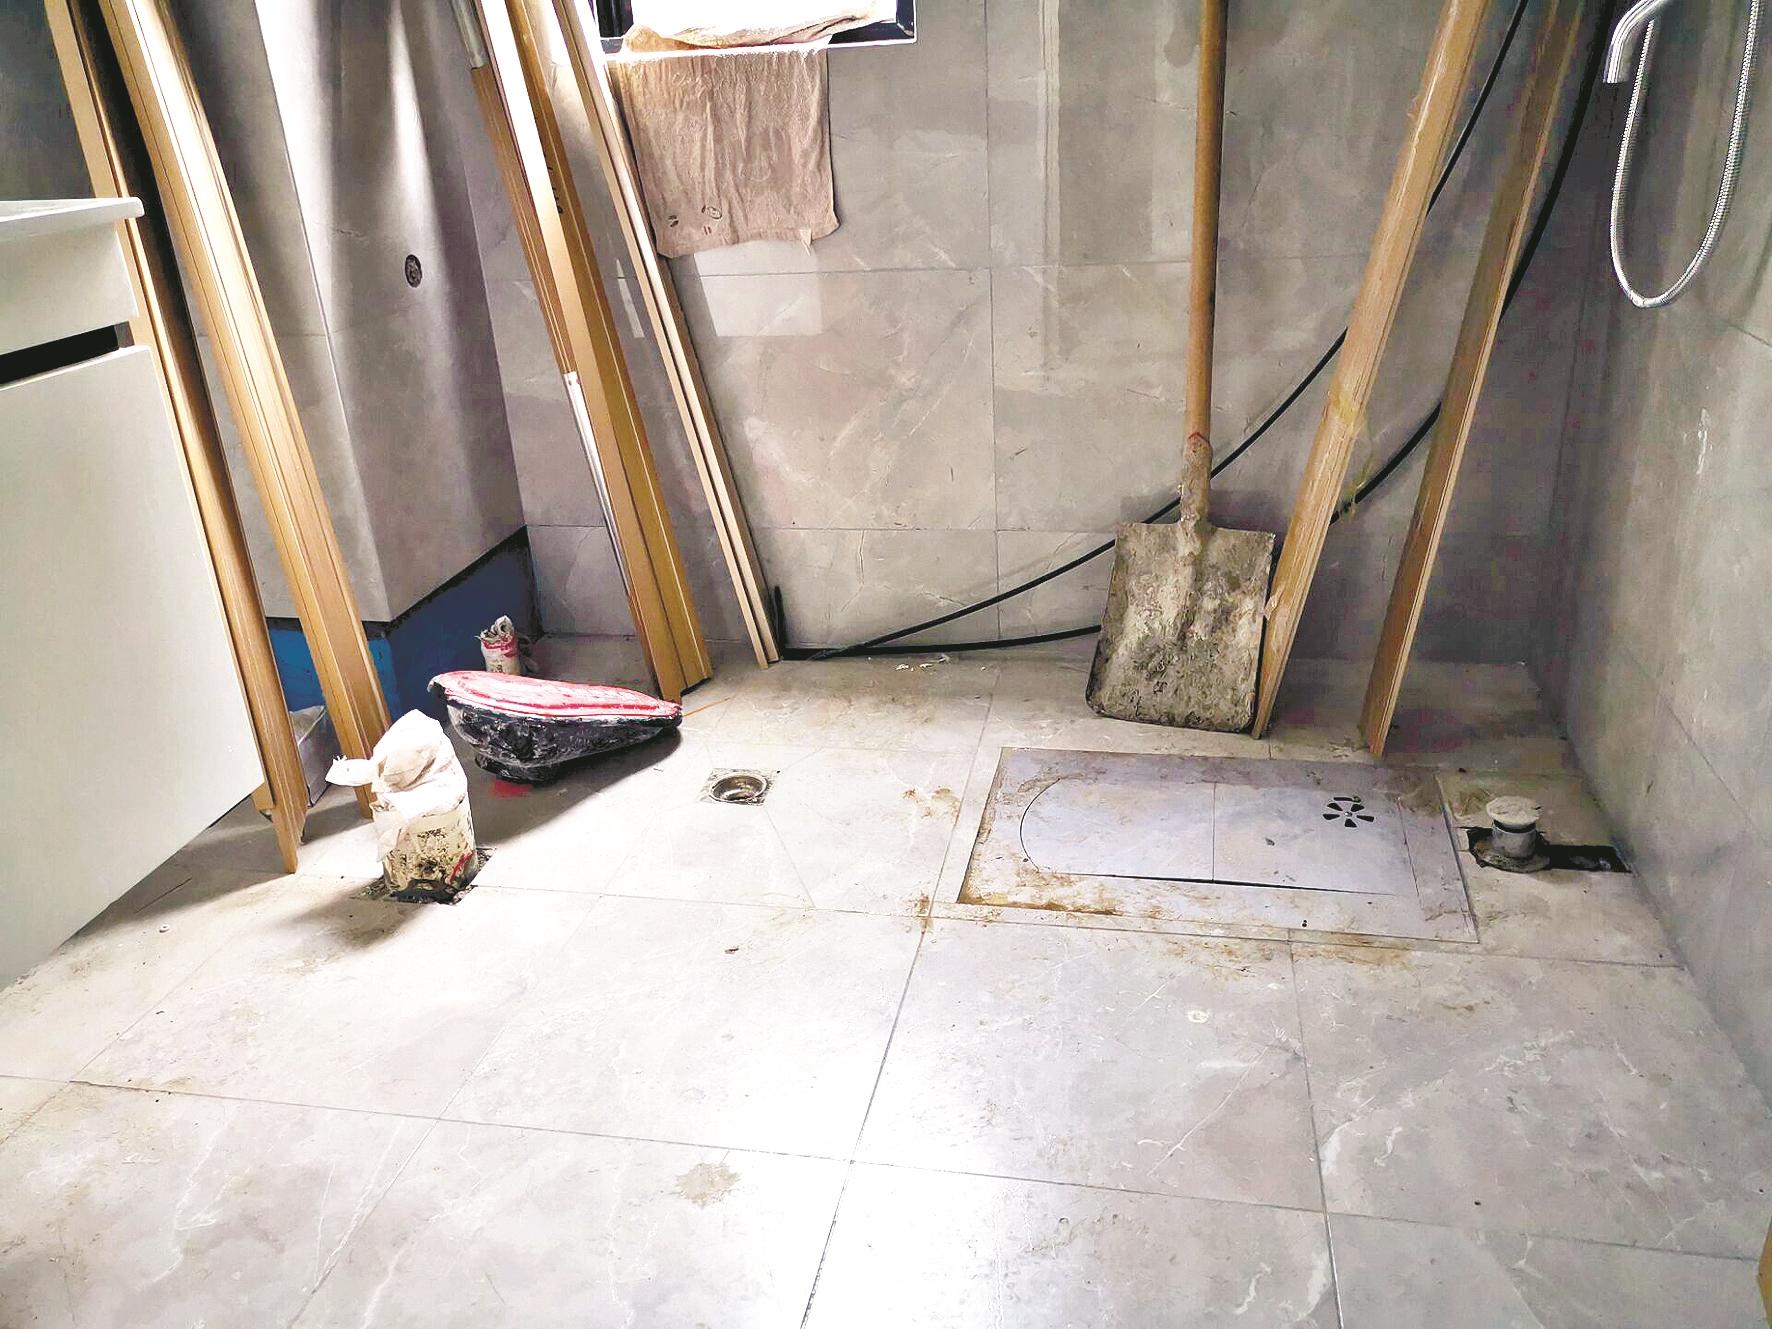 新房装修超期一个月未完工业主反被催缴本应在竣工时交的尾款-荆楚网-湖北日报网